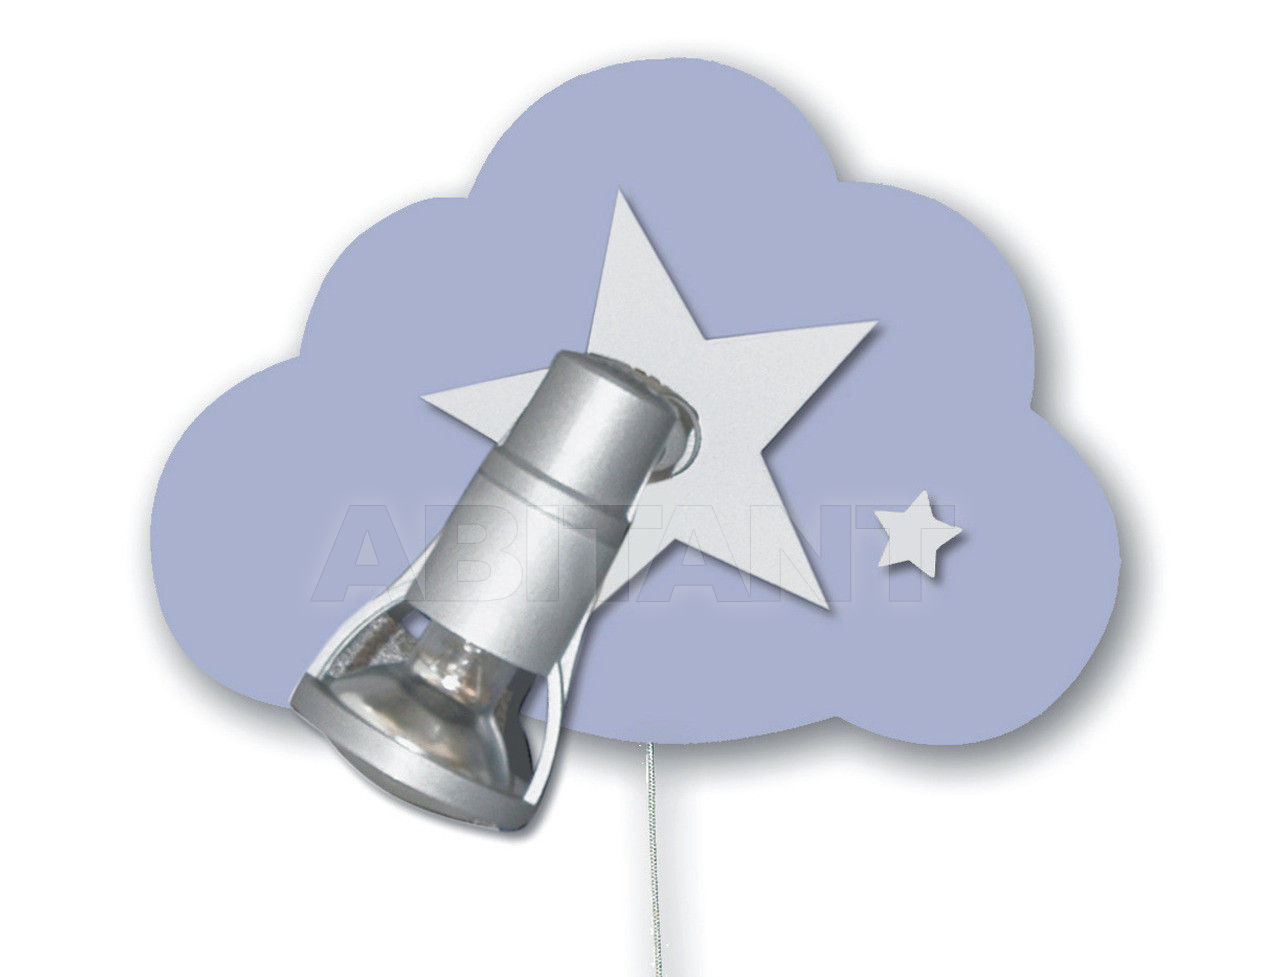 Купить Светильник для детской  Waldi Leuchten Lampen Fur Kinder 2012 82219.0